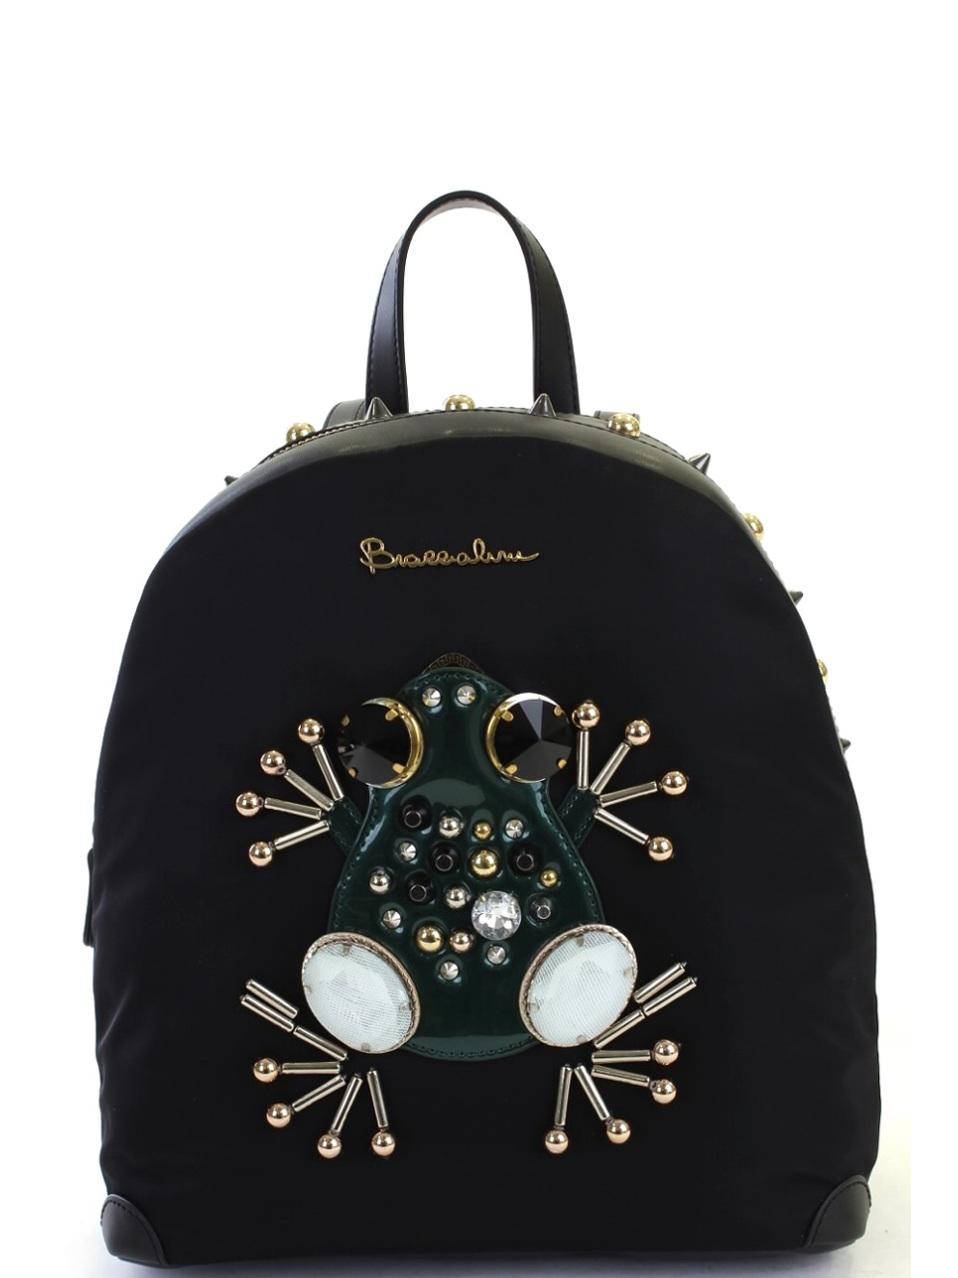 Backpack Braccialini - 670 B11813